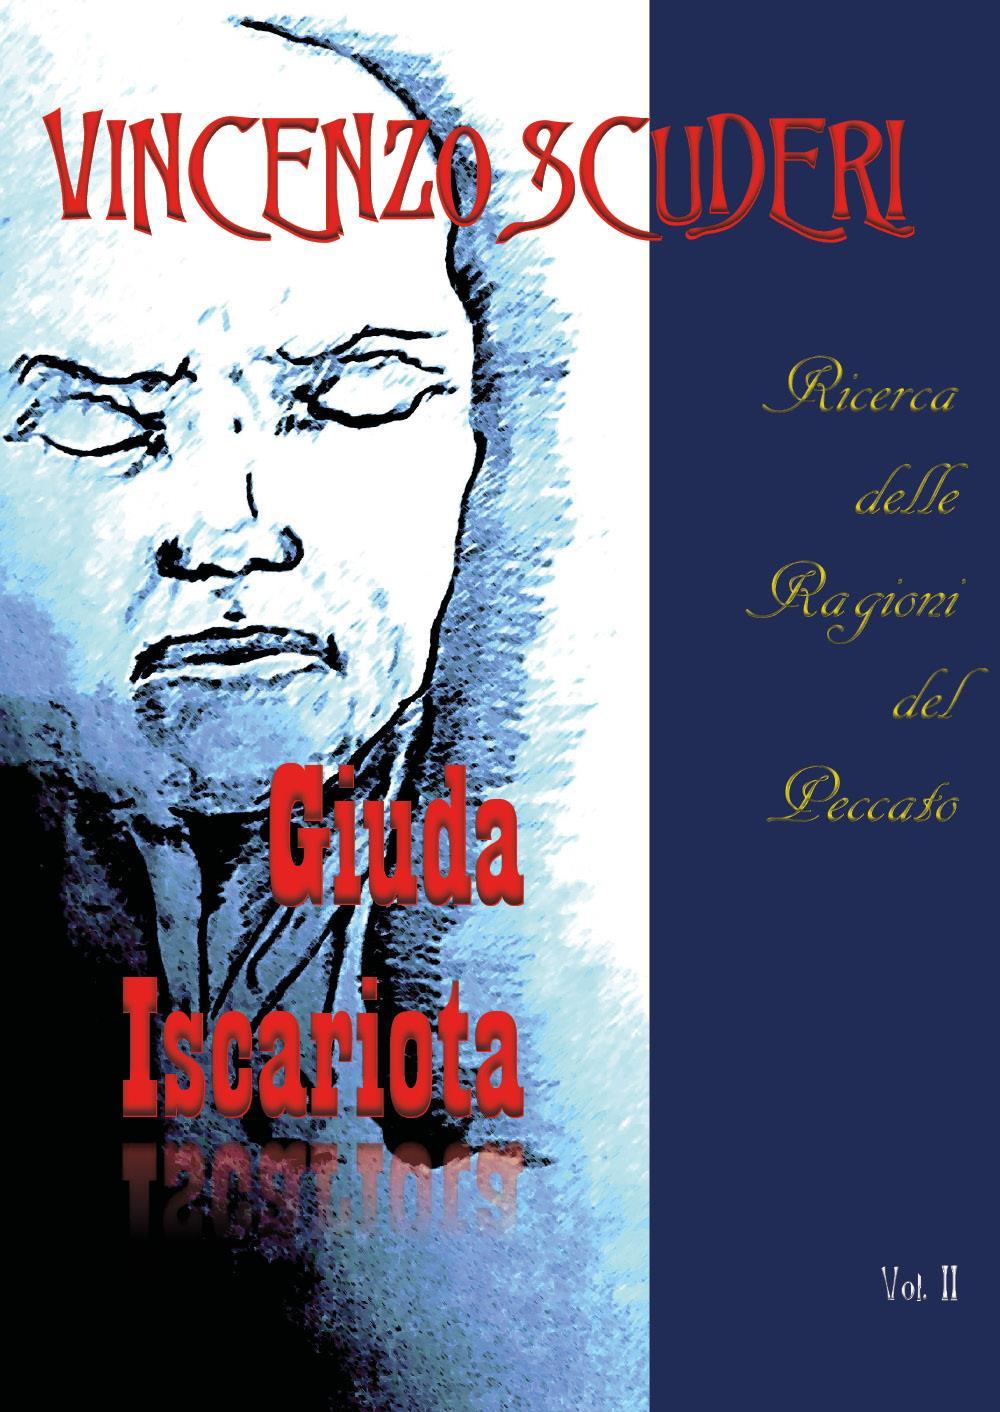 Giuda Iscariota, Ricerca delle Ragioni del peccato Vol. II